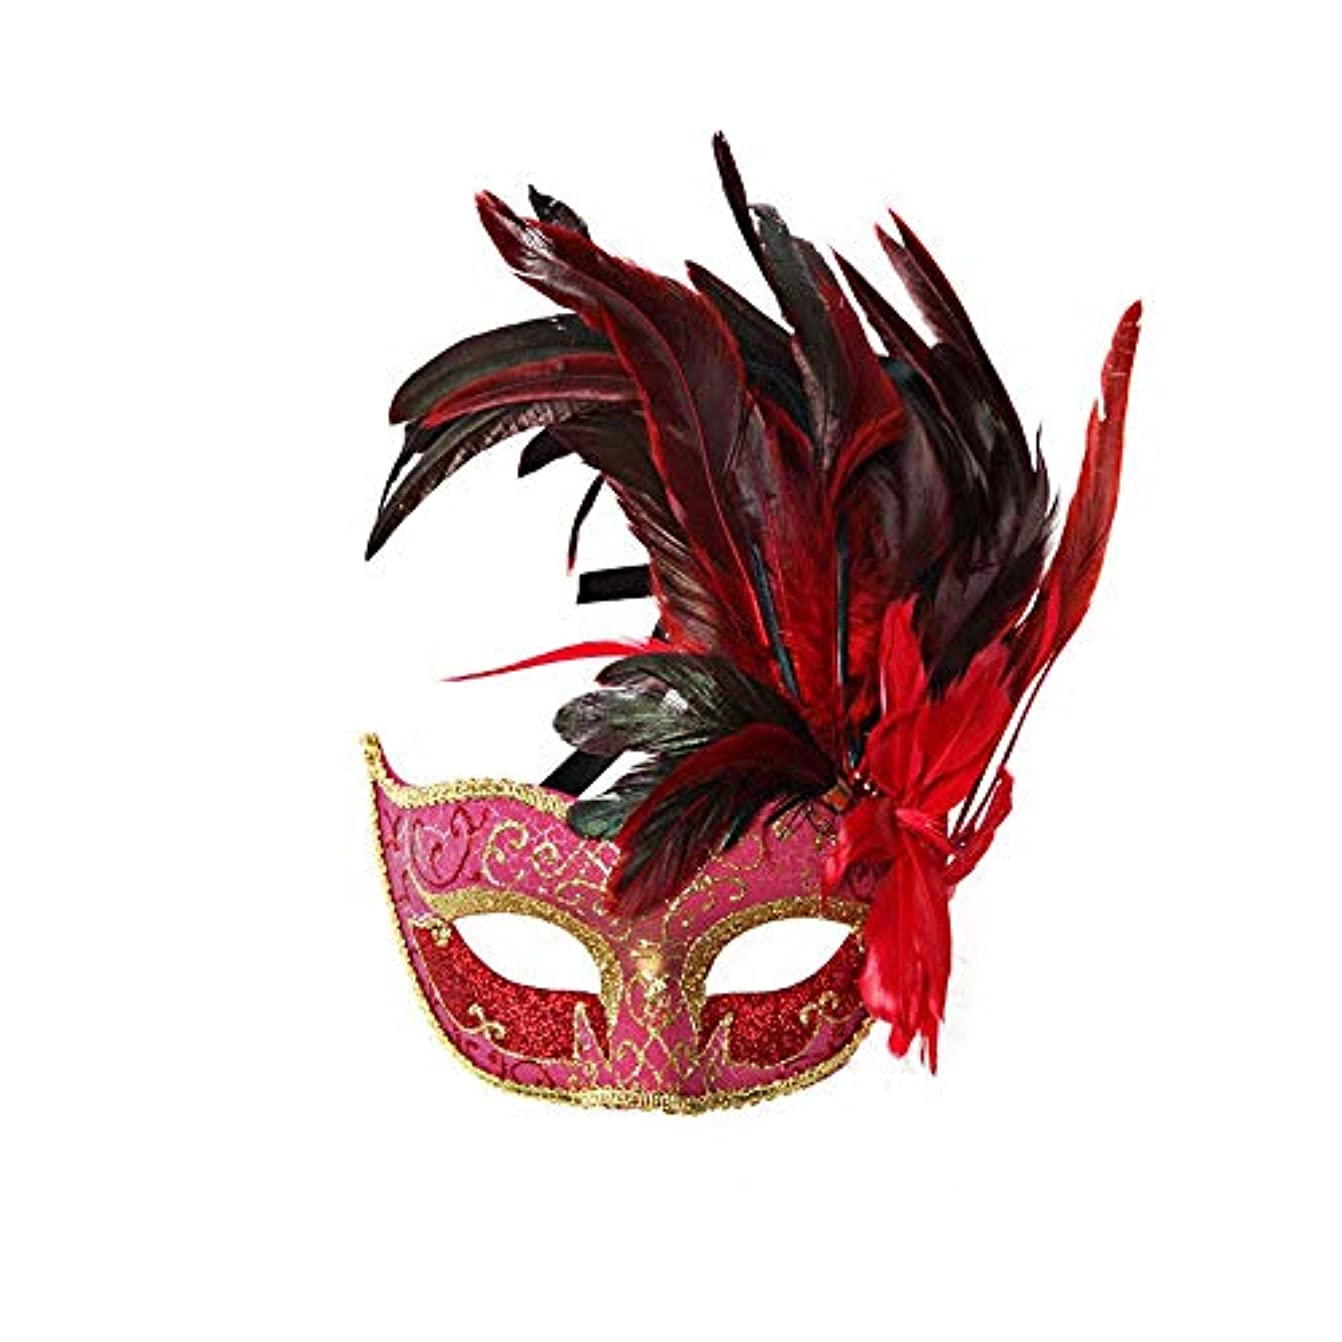 機関車社会主義製油所Nanle ハロウィンマスクハーフフェザーマスクベニスプリンセスマスク美容レース仮面ライダーコスプレ (色 : Style A red)